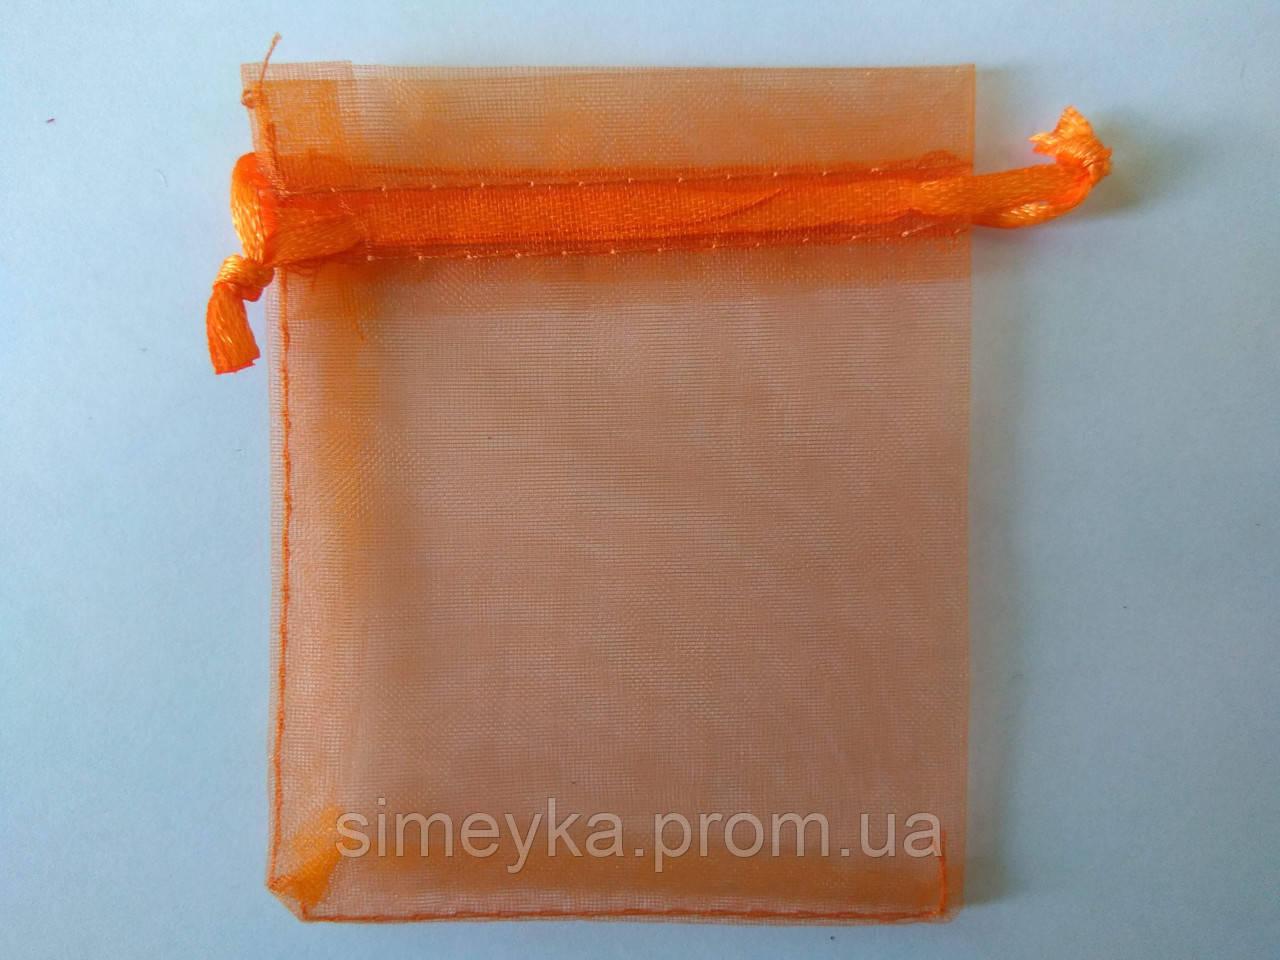 Мішечок з органзи, 7*9 см. Оранжевий